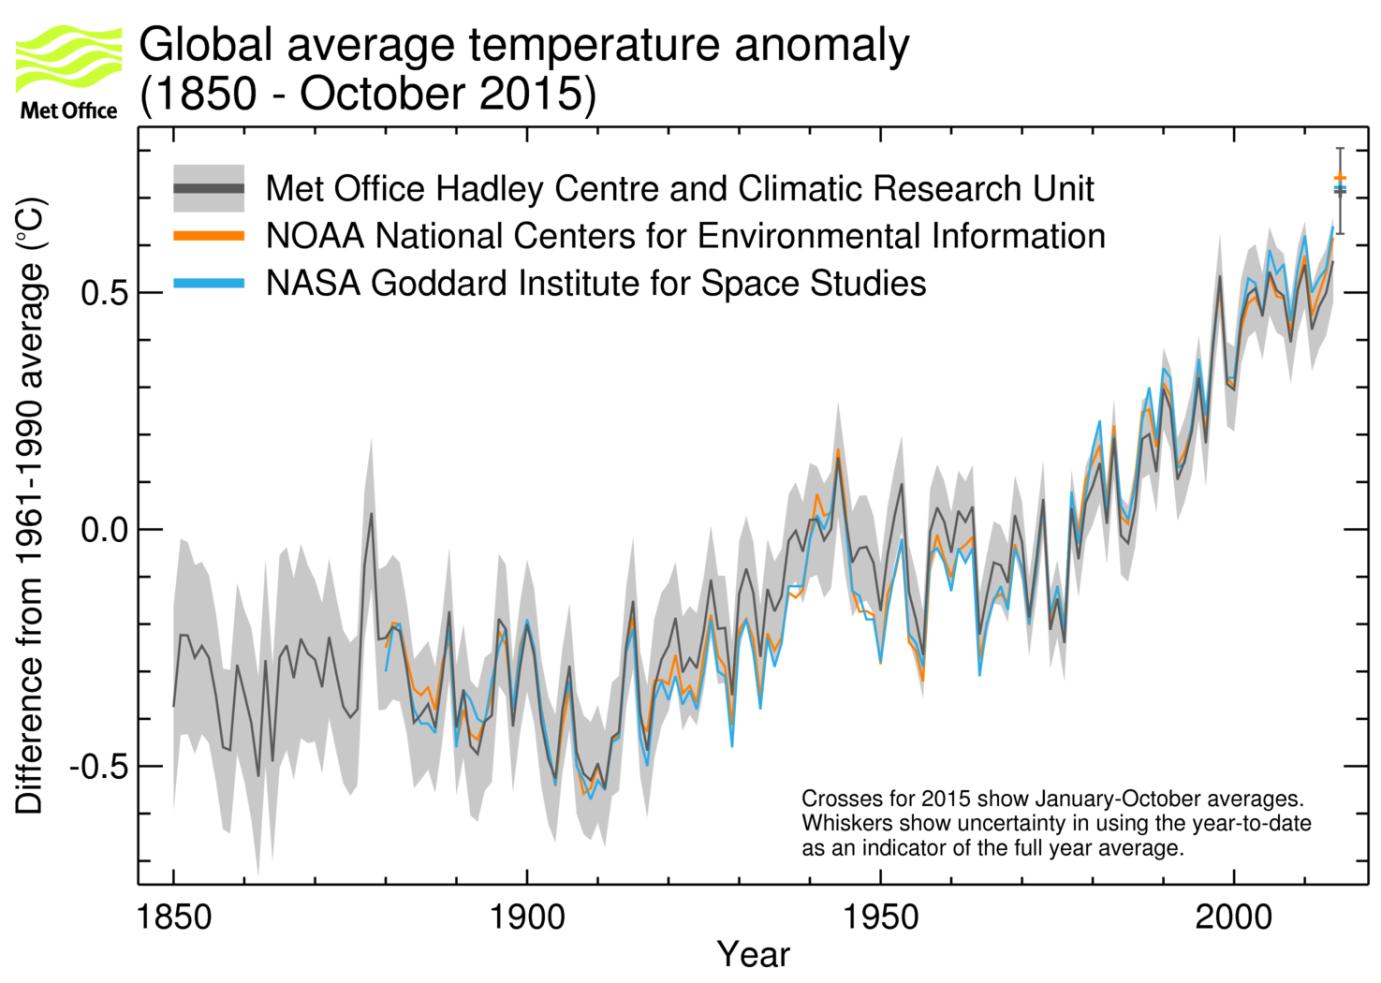 Anomalías del promedio mundial anual de la temperatura cerca de la superficie según datos de HadCRUT4.4.0.0 (la línea negra y la zona gris indican el intervalo de incertidumbre del 95%), GISTEMP (azul) y NOAAGlobalTemp (naranja). El promedio para 2015 es una cifra provisional basada en los meses de enero a octubre del año. Fuente: Centro Hadley del Servicio Meteorológico de Reino Unido. OMM.